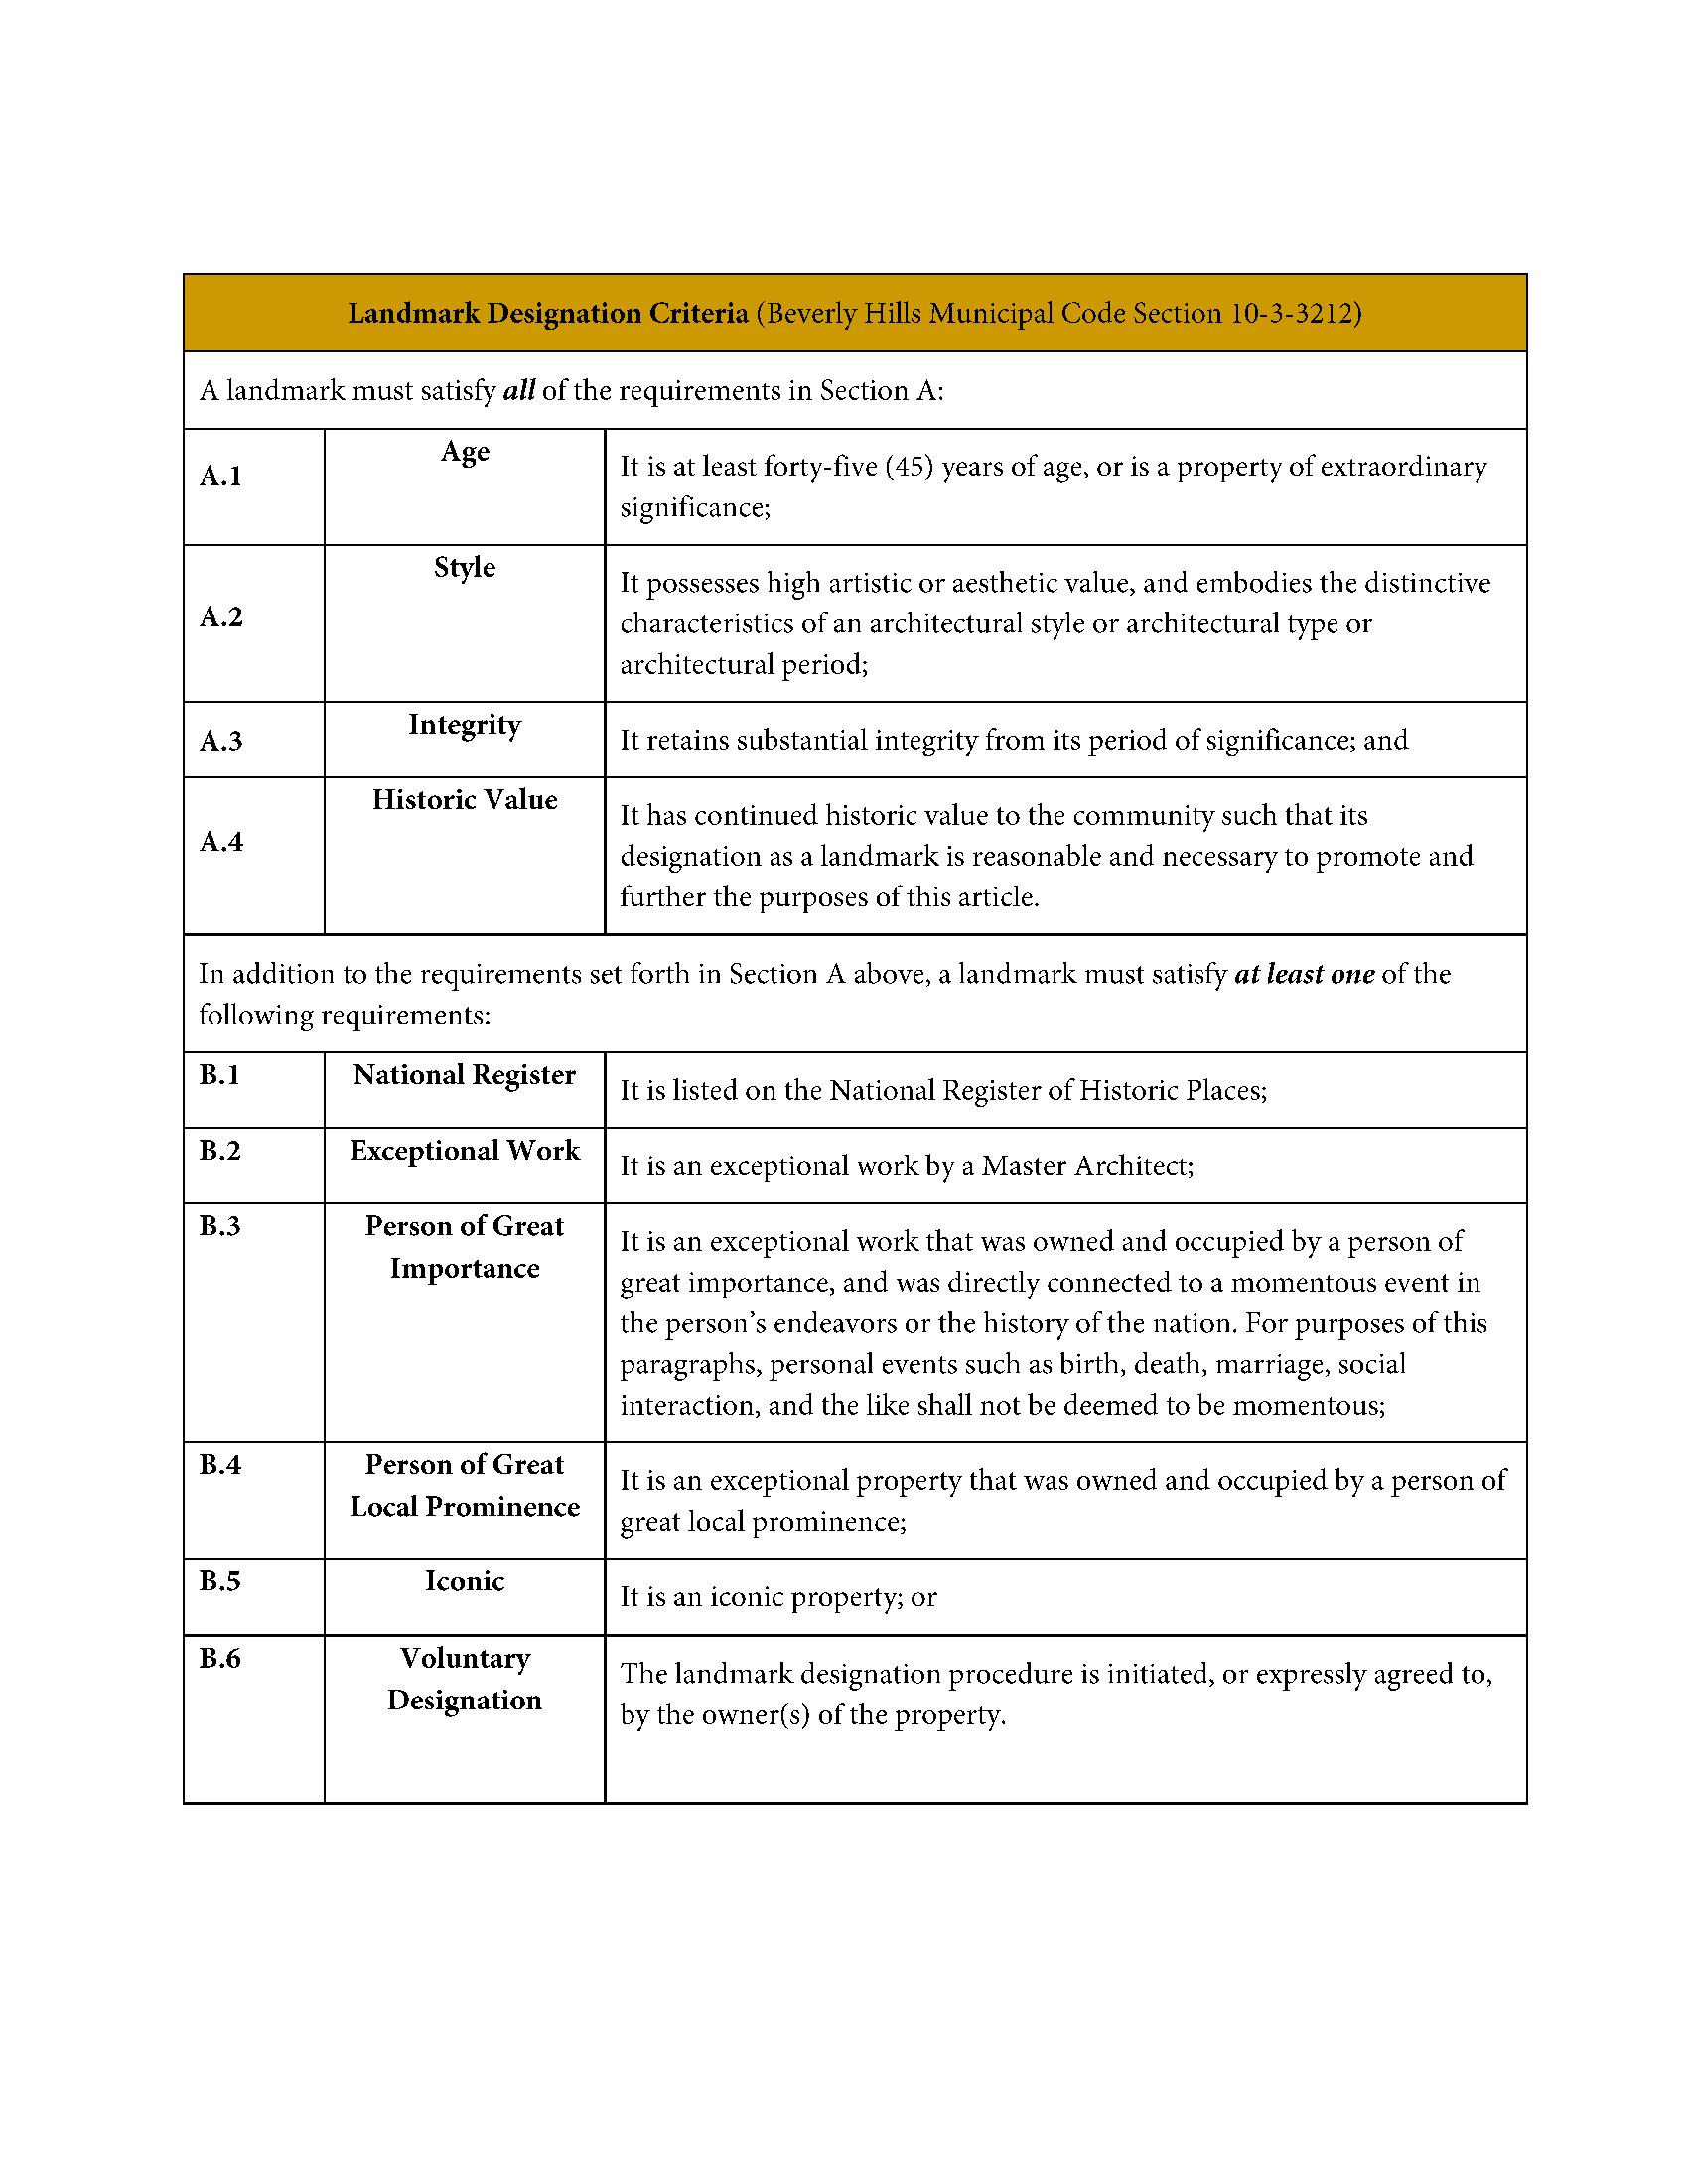 criteria for landmark designation